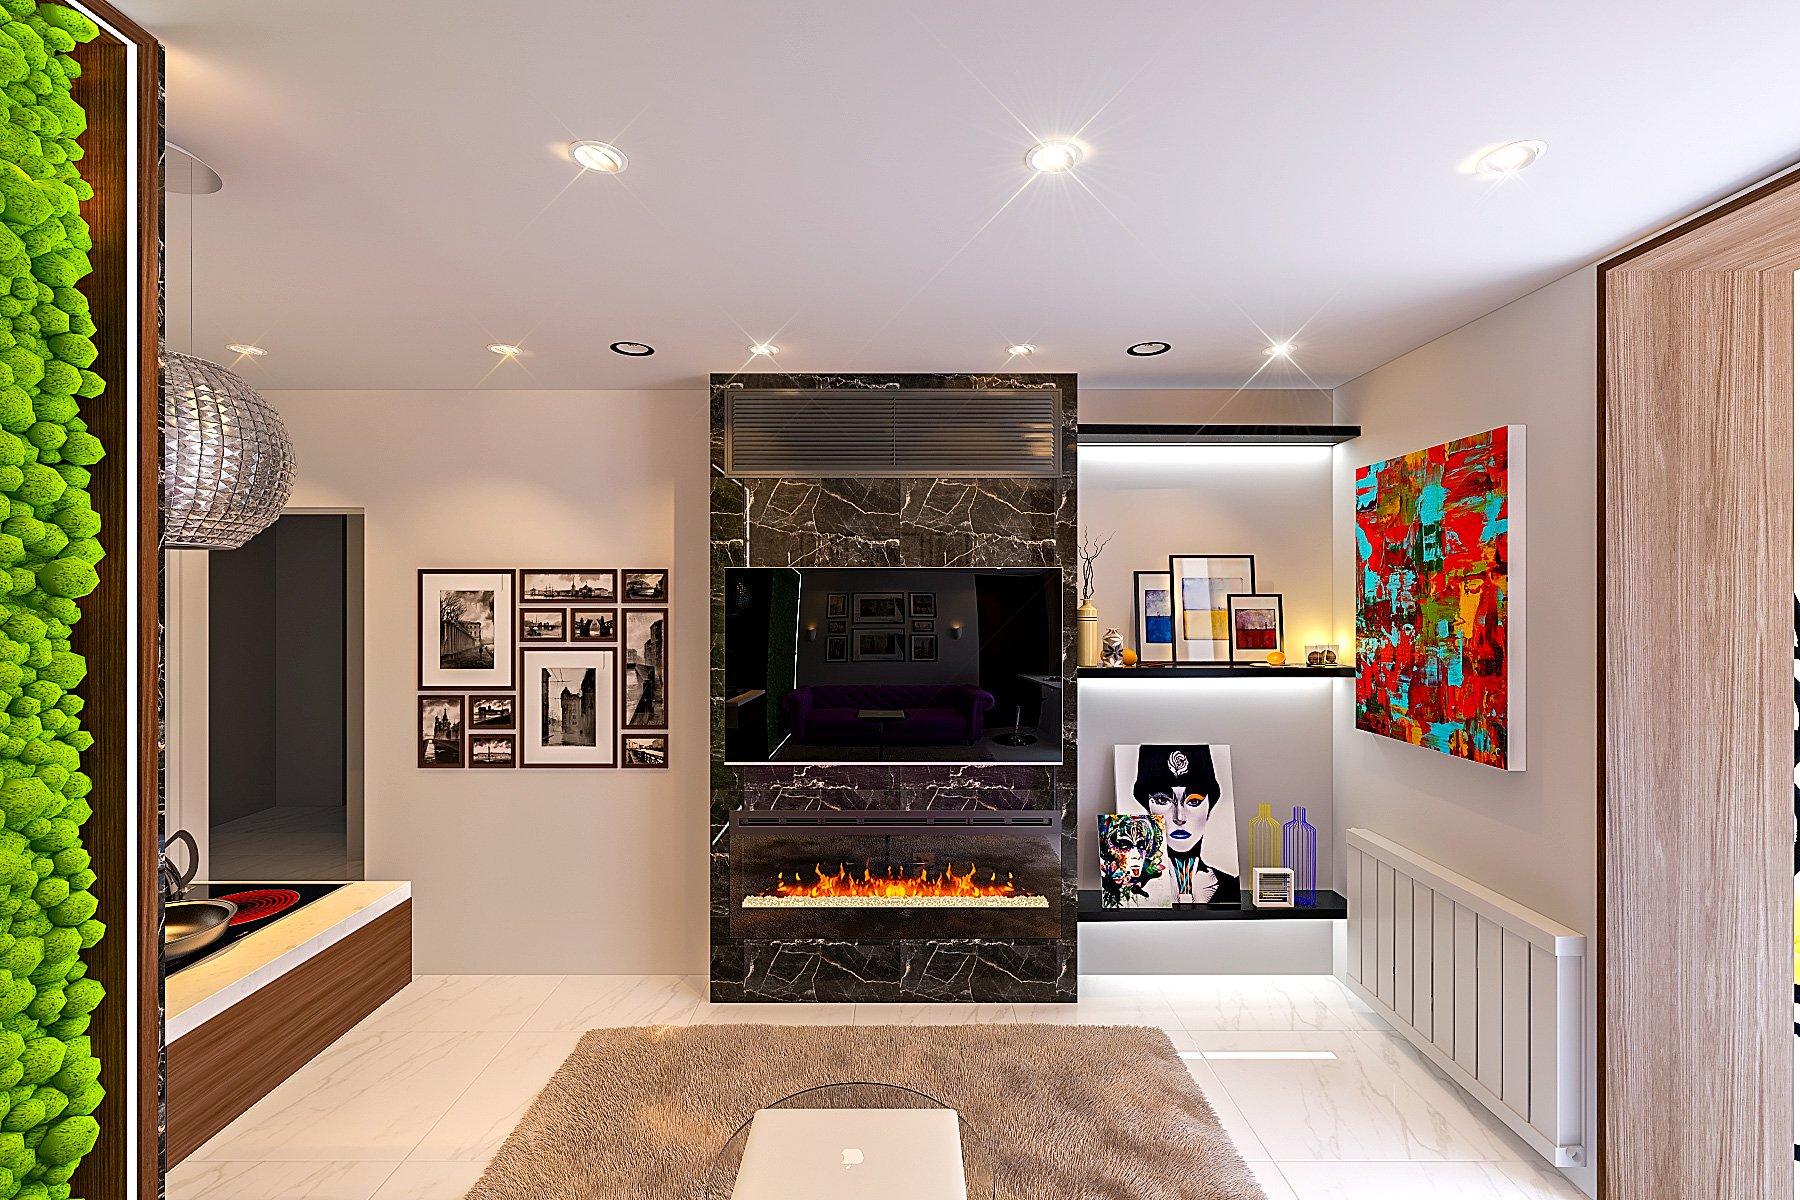 фальшь стена из керамогранита с встроенным электрокамином, телевизором, кондиционером, полки с встроенной подсветкой, мягкий ковер с высоким ворсом, маленький круглый журнальный столик, кухня - гостиная - лоджия 18 кв. м. вид 3